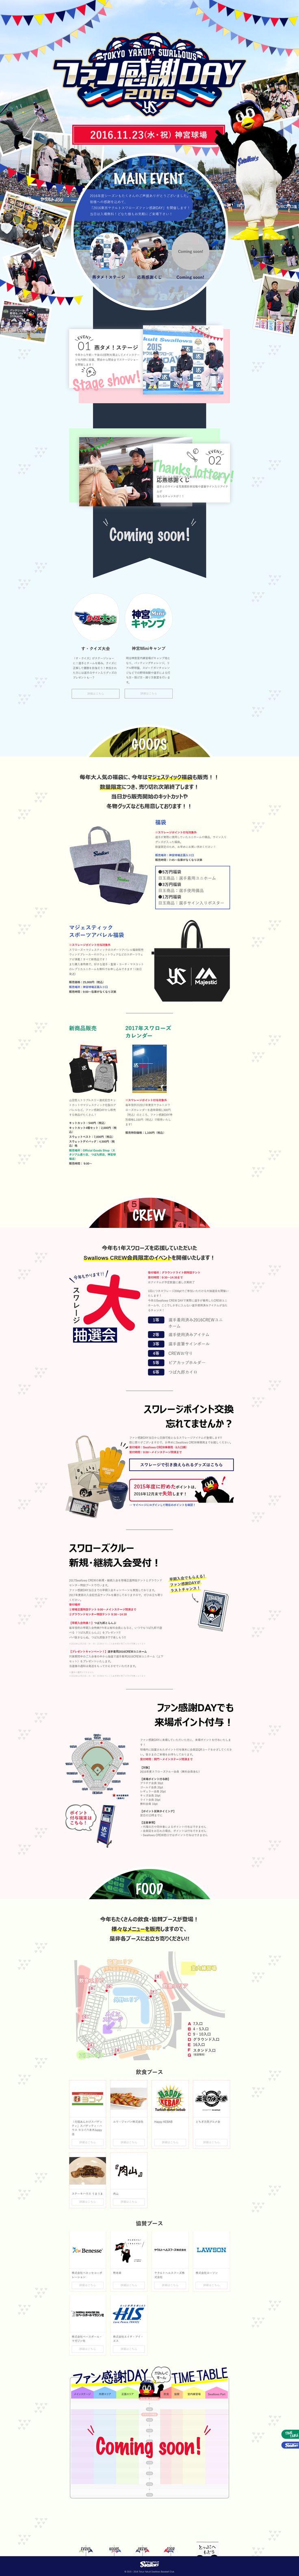 東京ヤクルトスワローズ ファン感謝DAY | 東京ヤクルトスワローズ